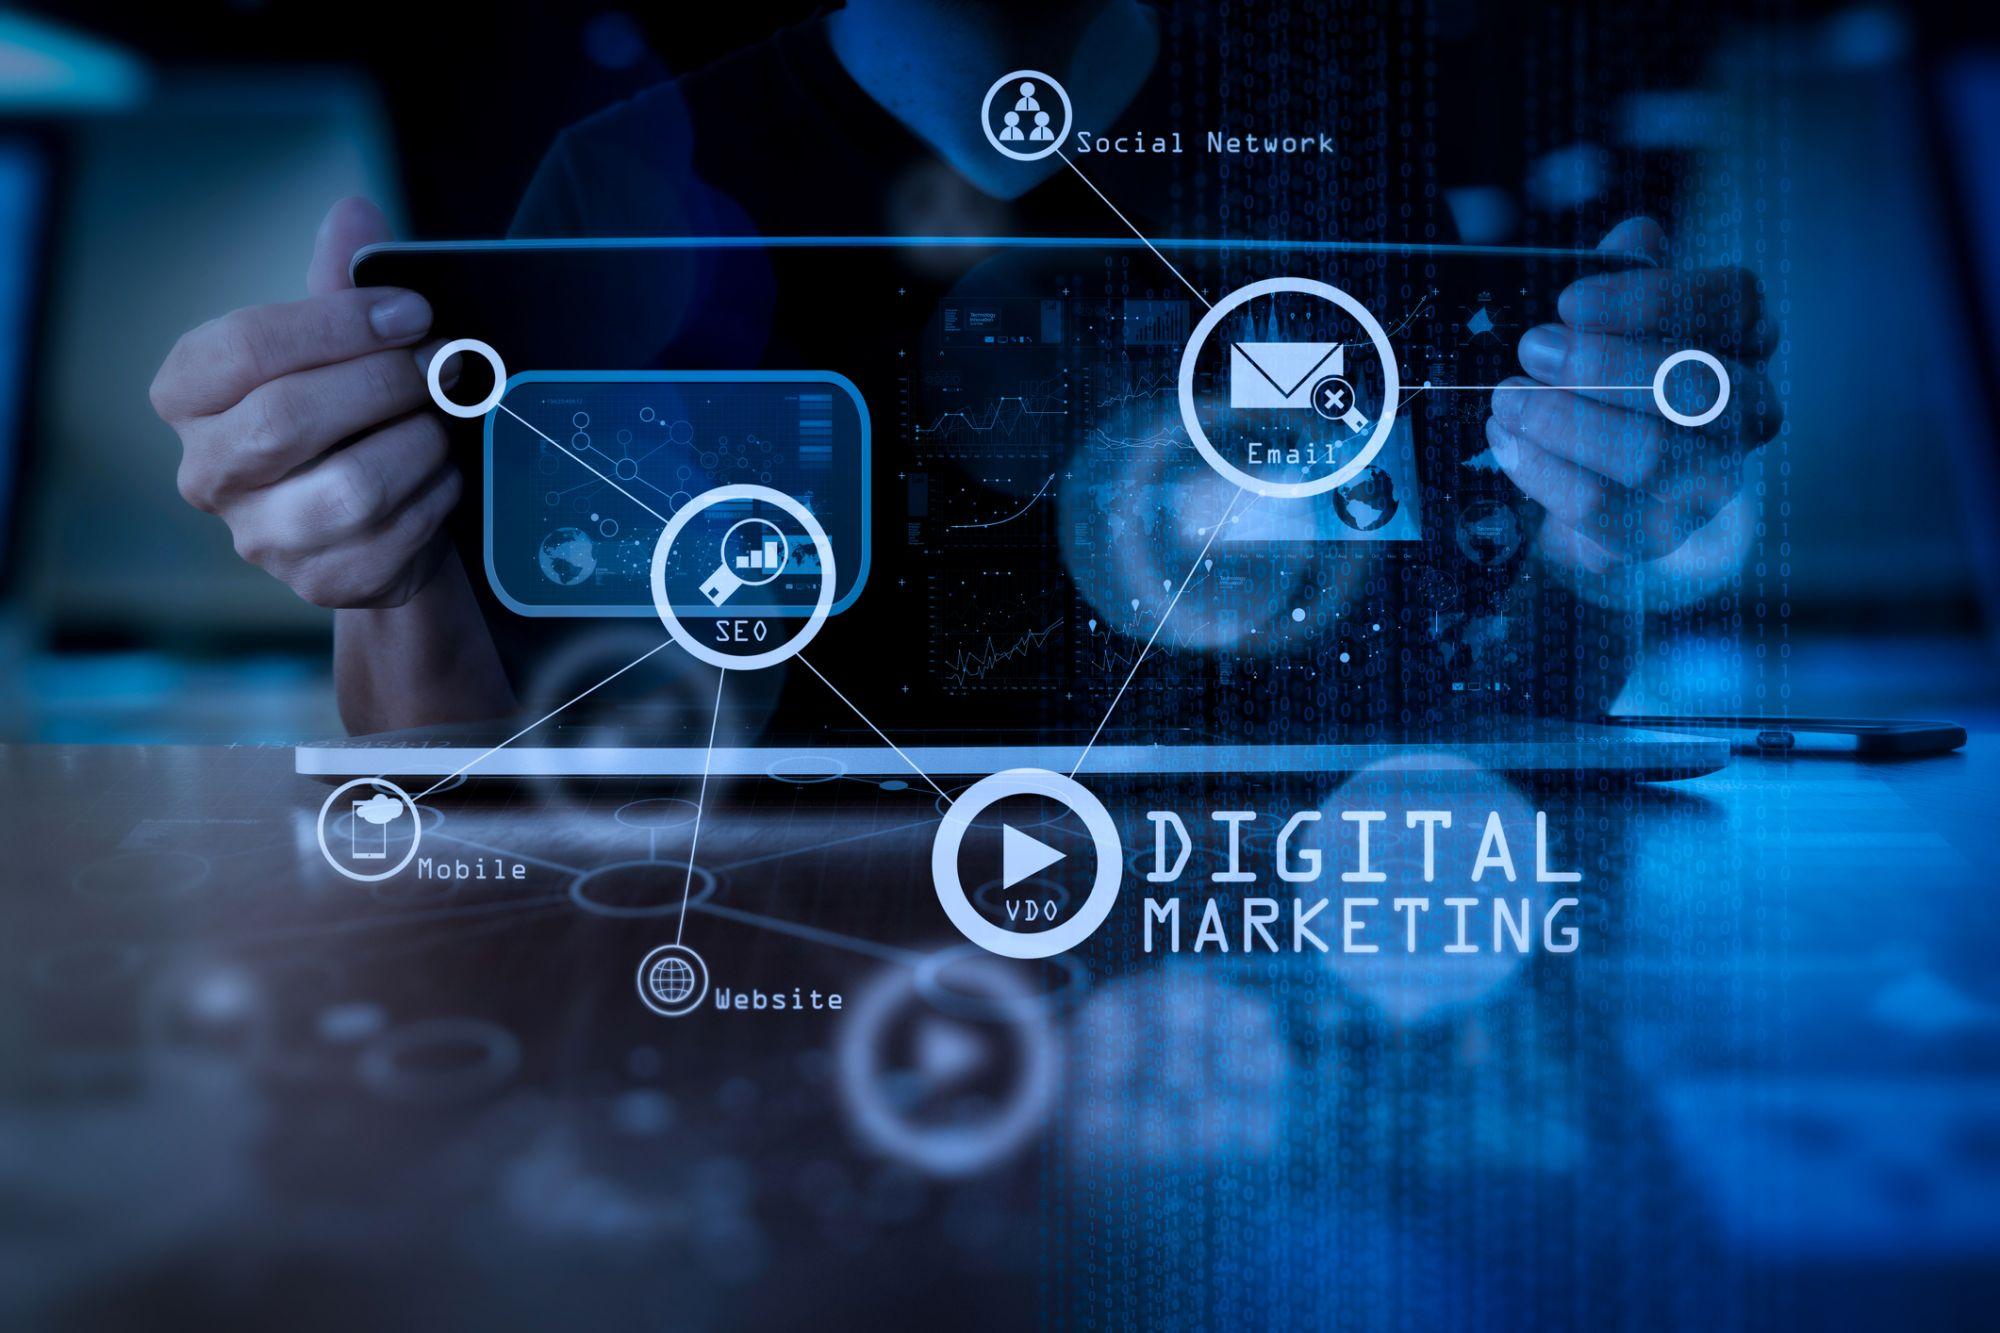 استراتژی دیجیتال مارکتینگ به کمک مدل بازاریابی RACE